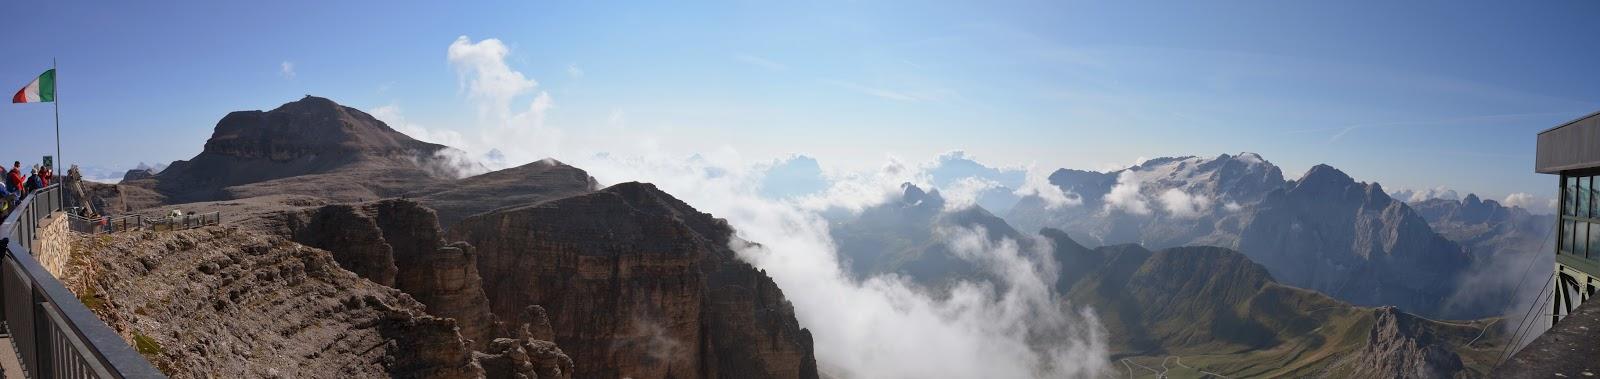 Piz Boè: escursione ad anello dal passo Pordoi al rifugio Capanna Fassa.